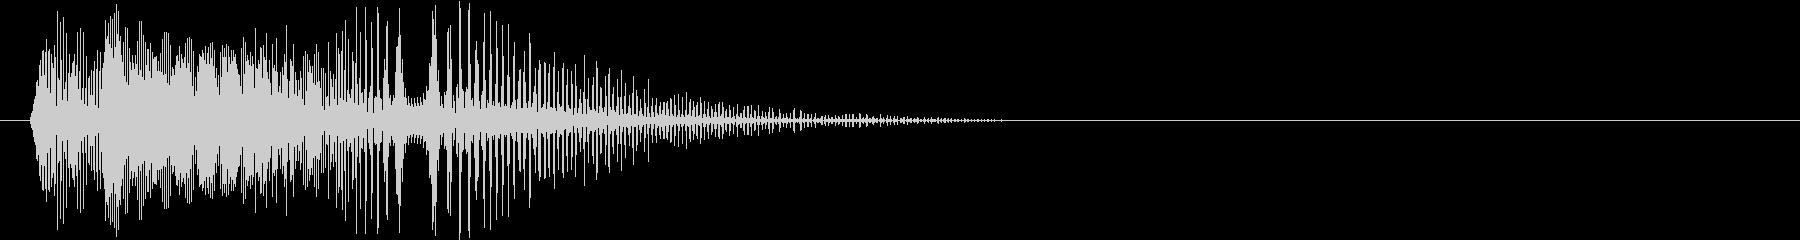 ボタンを押した時の電子音の未再生の波形